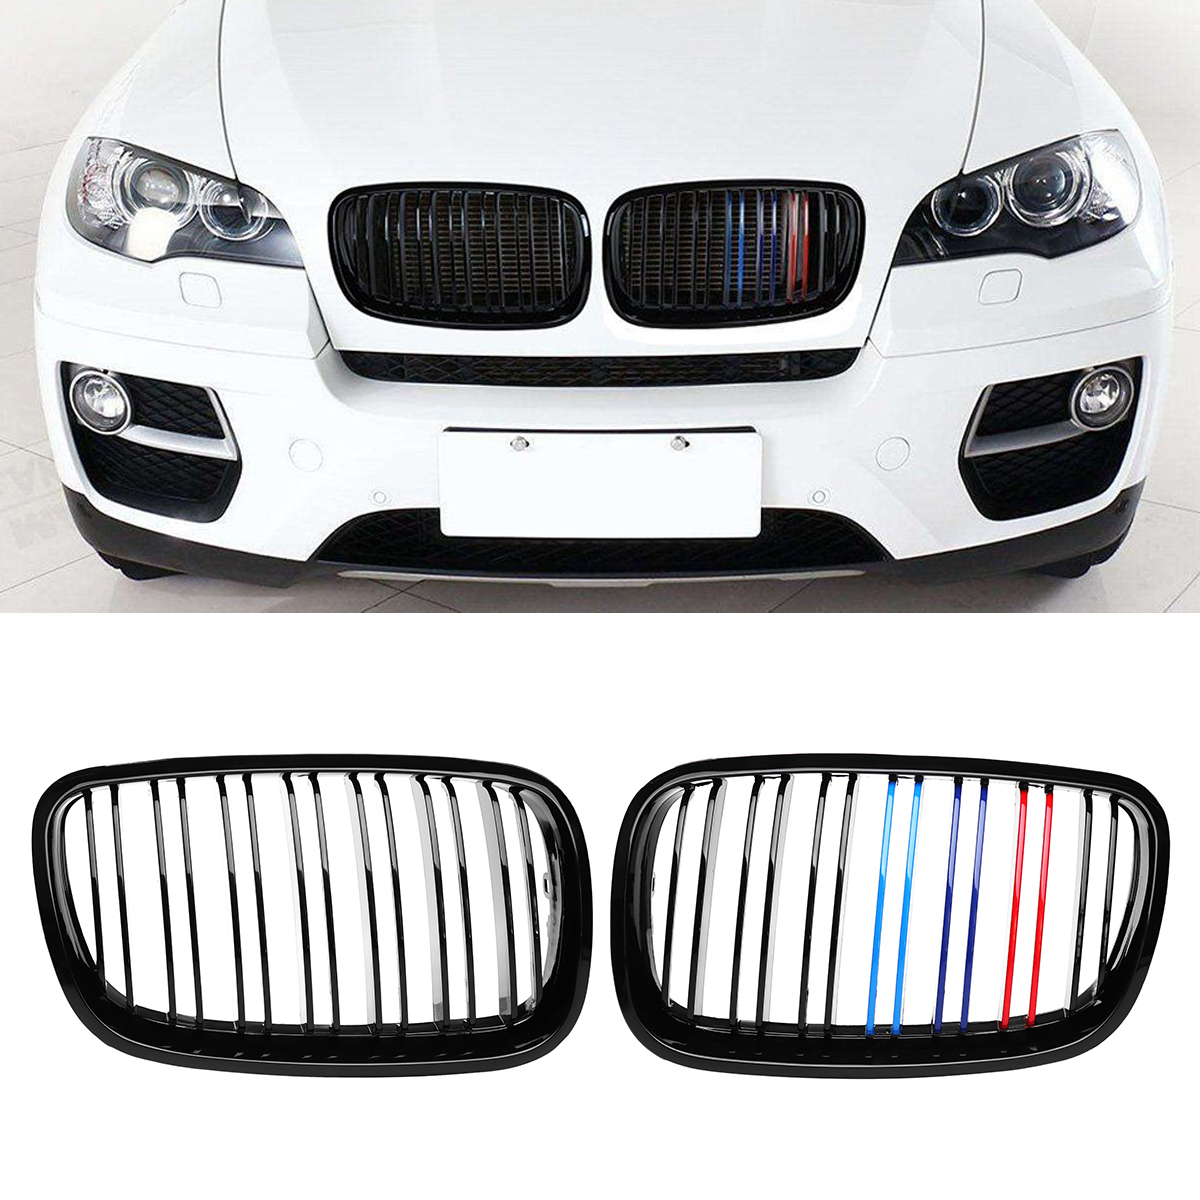 2 шт бампер автомобиля Гуд ABS глянцевый черный M-Цвет Передняя решетка гриль двойная планка почек для BMW X5 X6 E70 E71 2007-2013